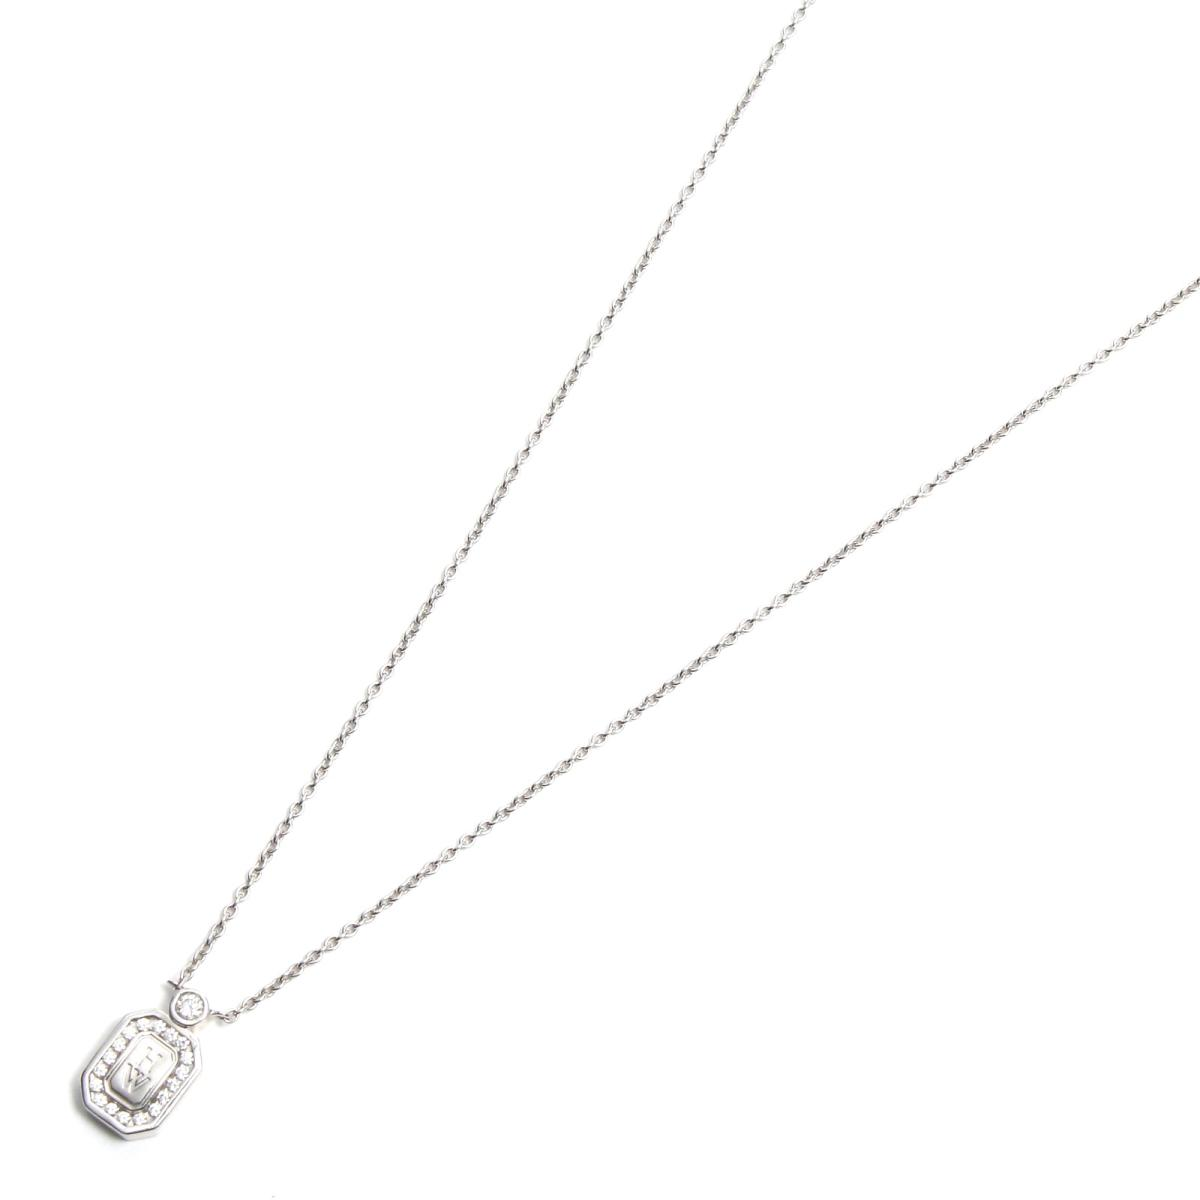 ハリーウィンストン HWロゴダイヤモンド ネックレス ブランドジュエリー レディース K18WG (750) ホワイトゴールド x ダイヤモンド 【中古】   HARRY WINSTON BRANDOFF ブランドオフ ブランド アクセサリー ペンダント